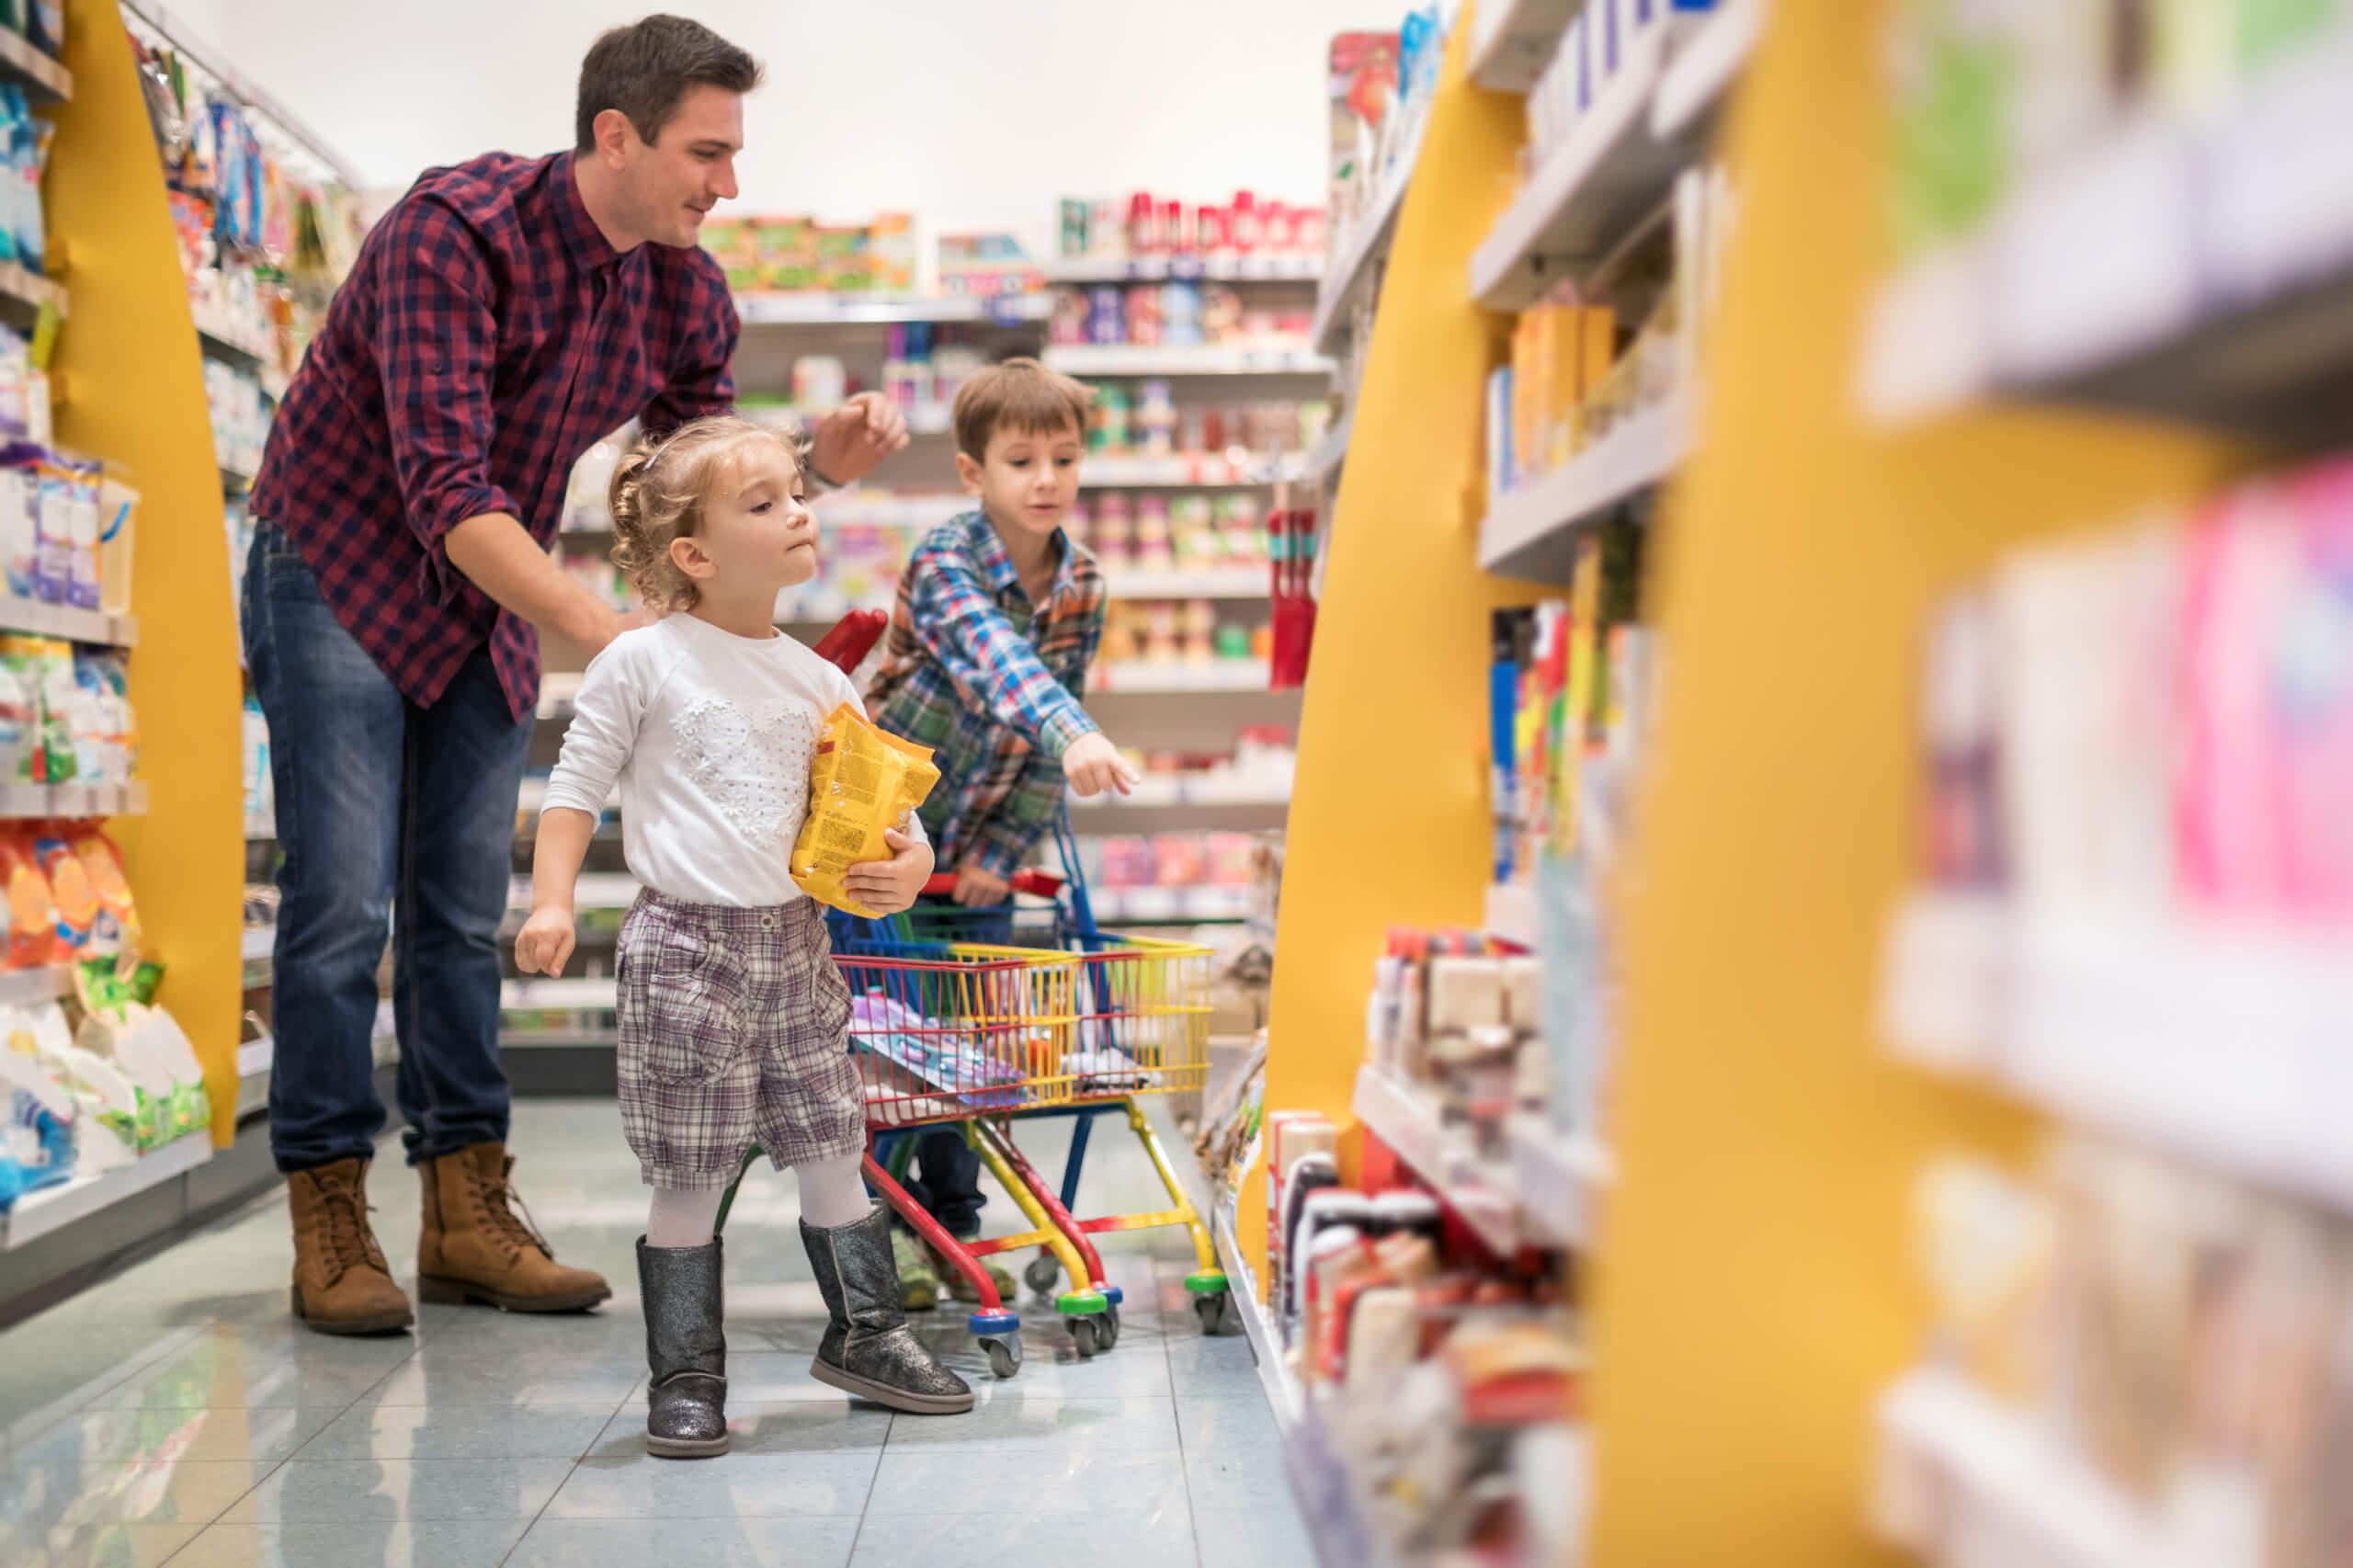 Les enfants, une cible de choix